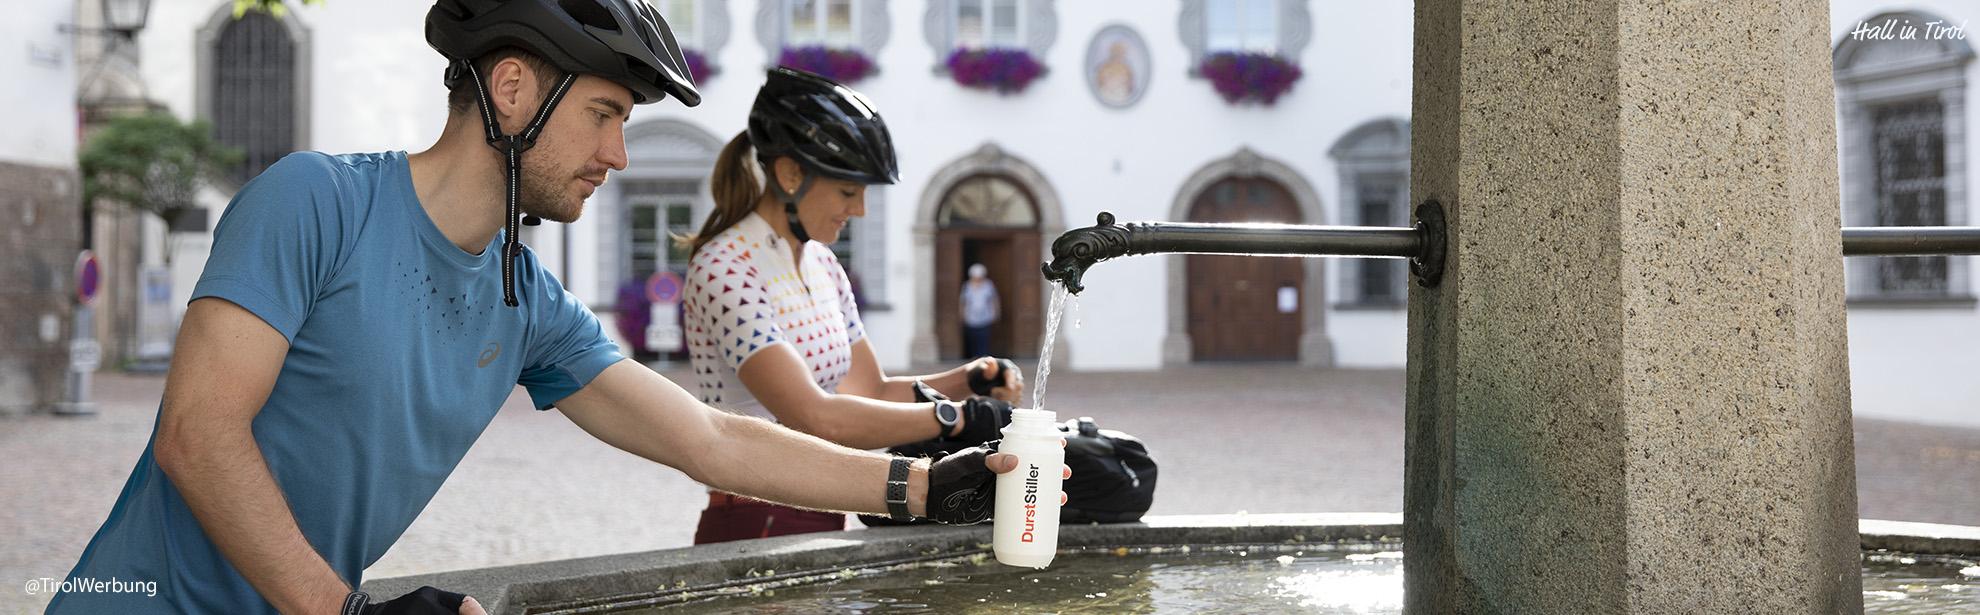 OTirolWerbung_Hall-in-Tirol_Erzherzogin_Magdalena_Brunnen_1226245